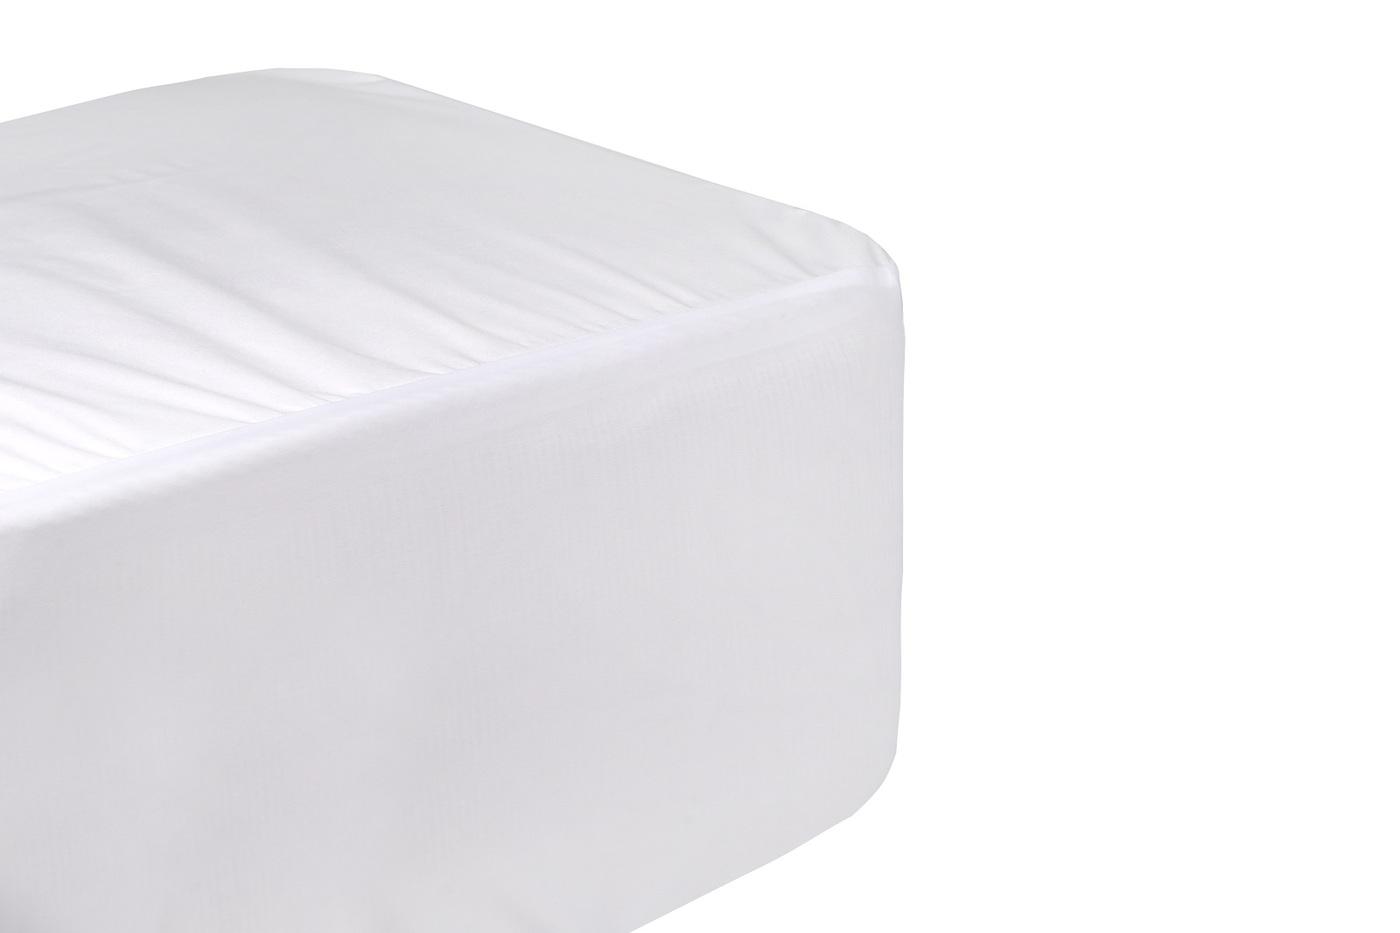 Простыня Sn Textile П-НДж-Б Полиэстер, Мембранные материалы, 90x200, белый